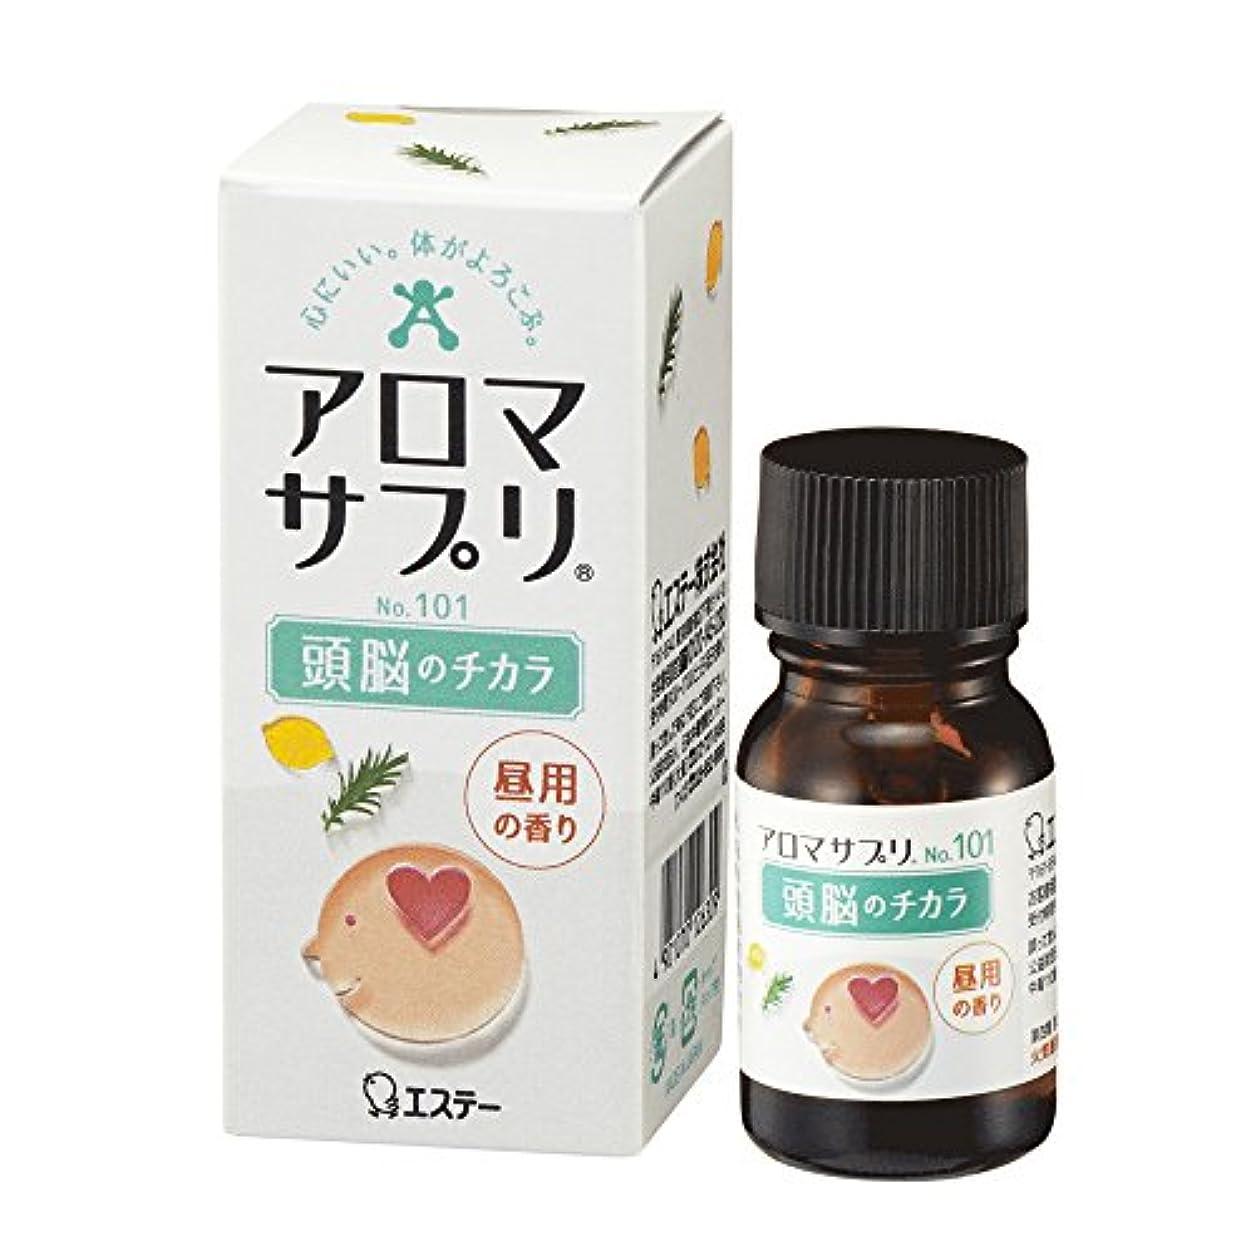 素晴らしいです再び買収アロマサプリ 100%天然ブレンドアロマ 頭脳のチカラ 昼用の香り ローズマリーカンファー&レモン 10ml (約60回分)